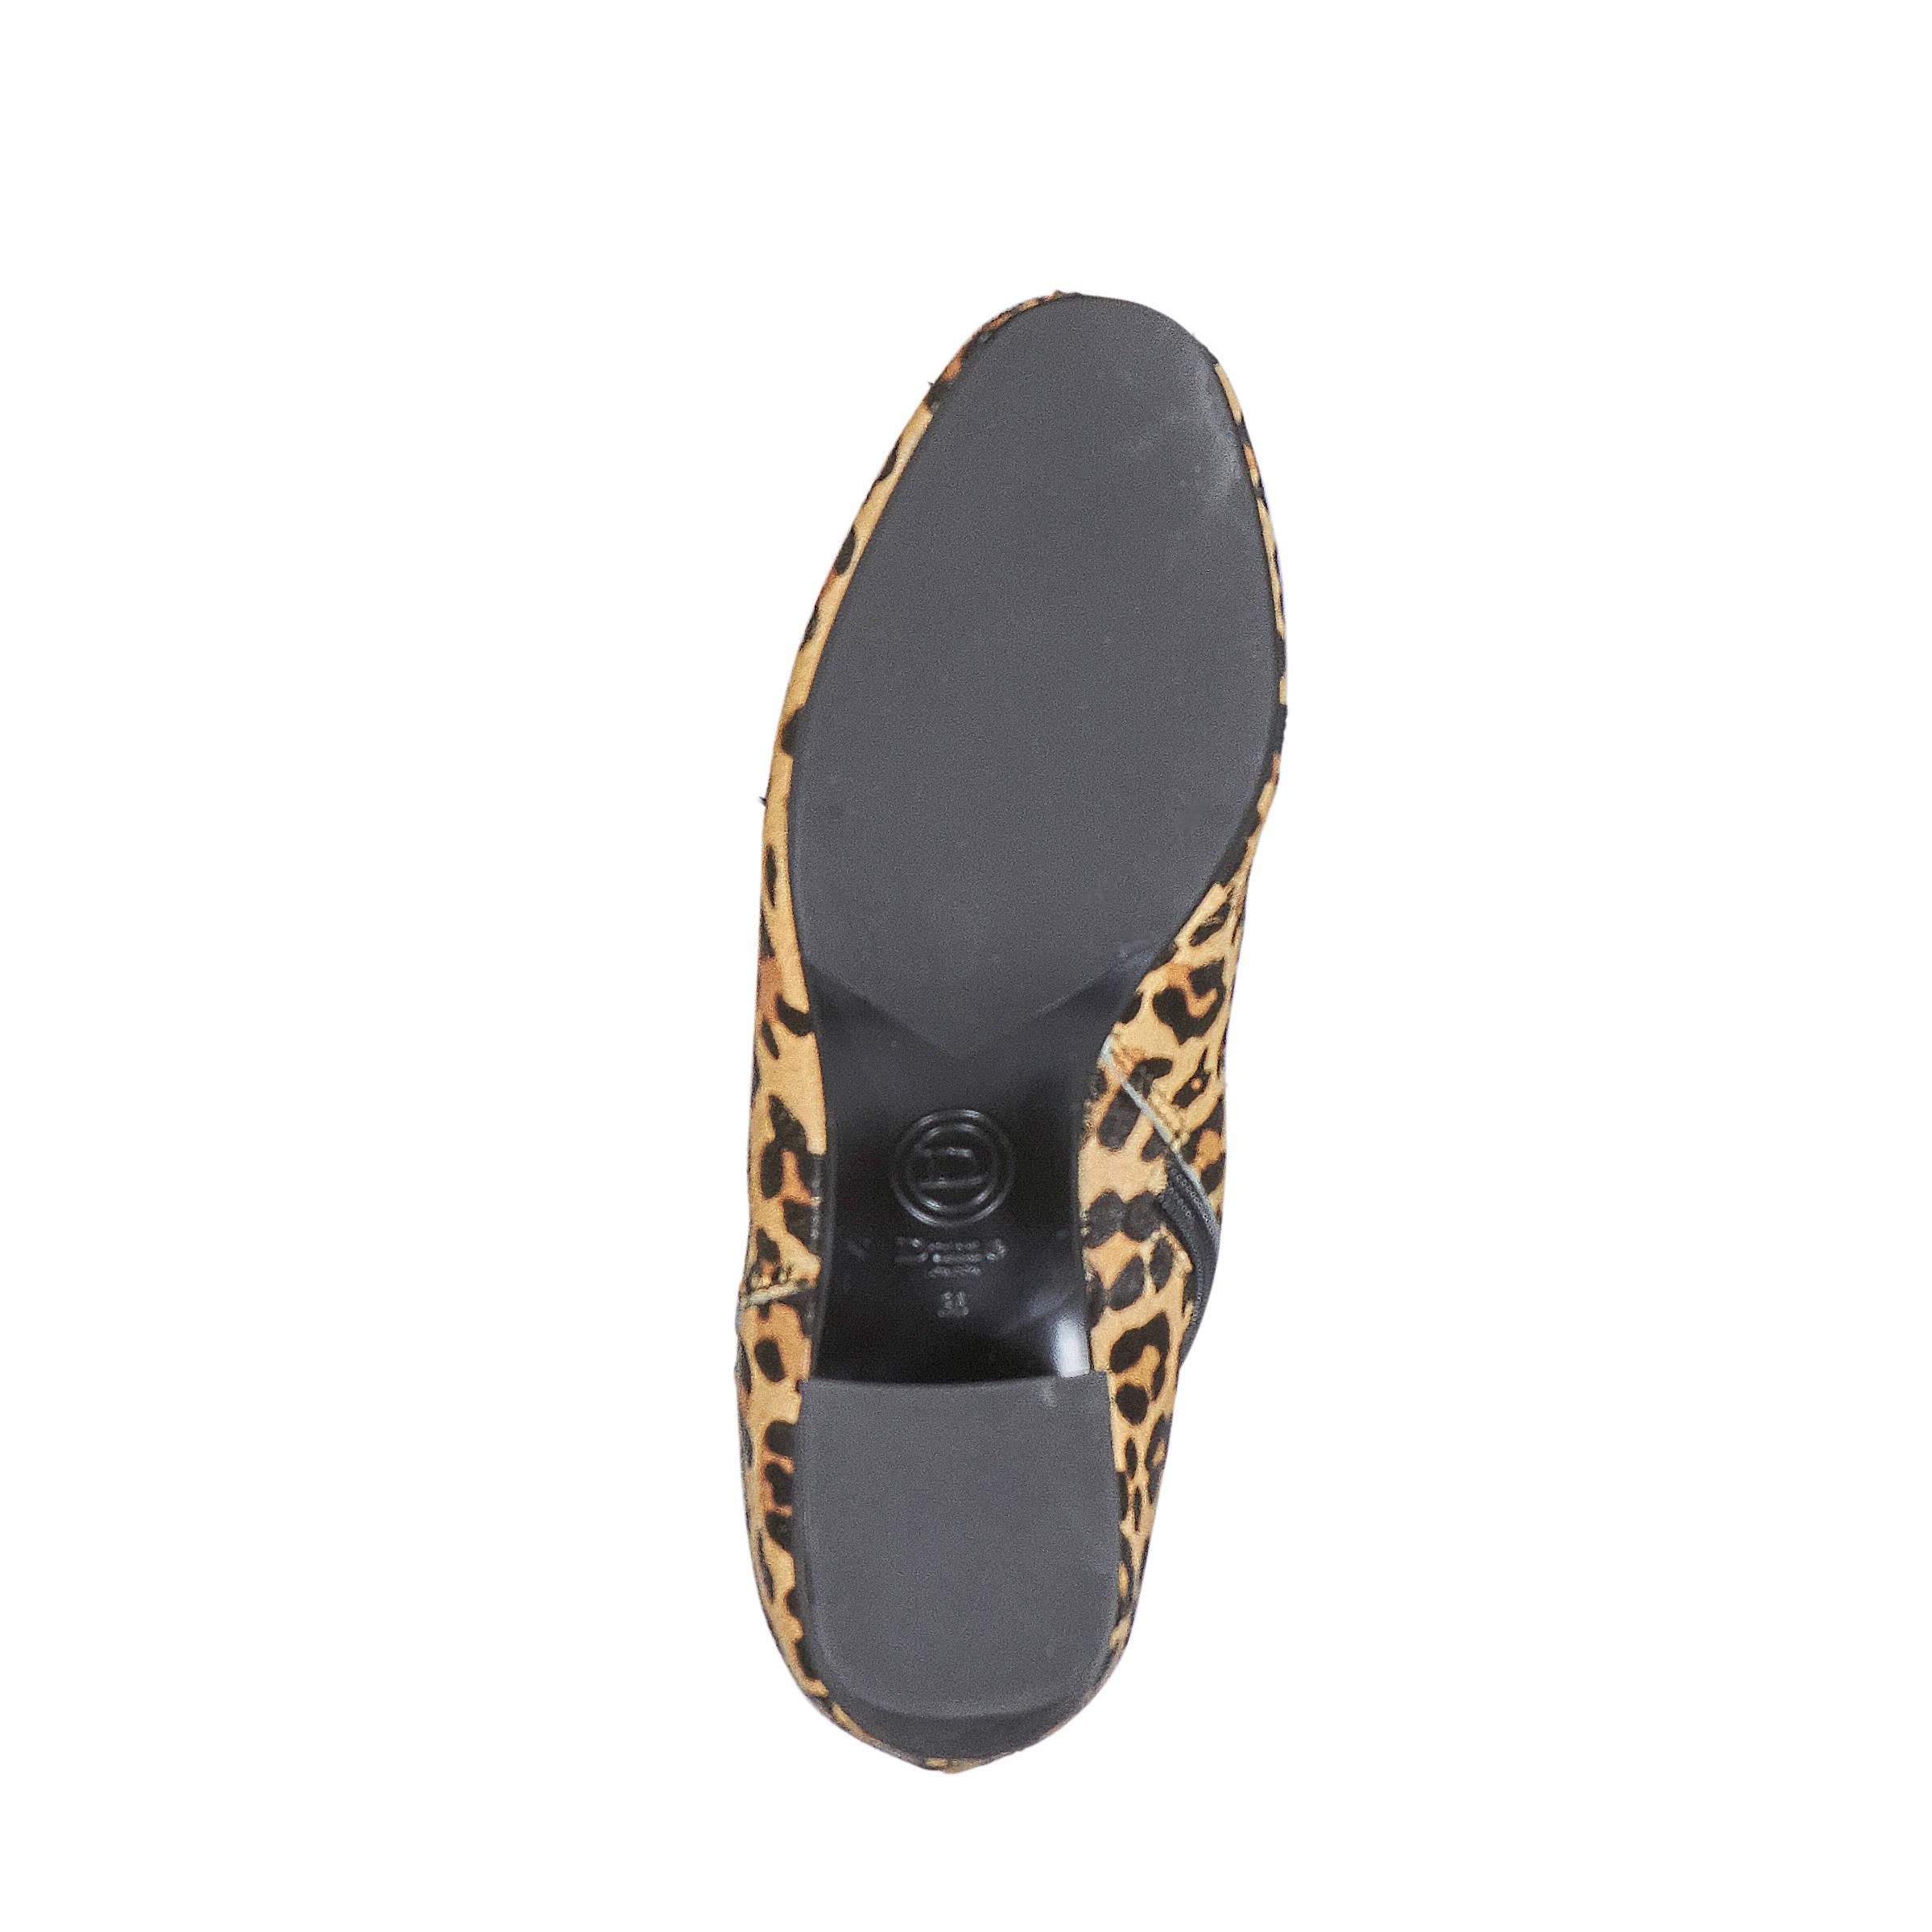 16c457e76b6 Dune London leren enkellaarzen met luipaardprint | wehkamp